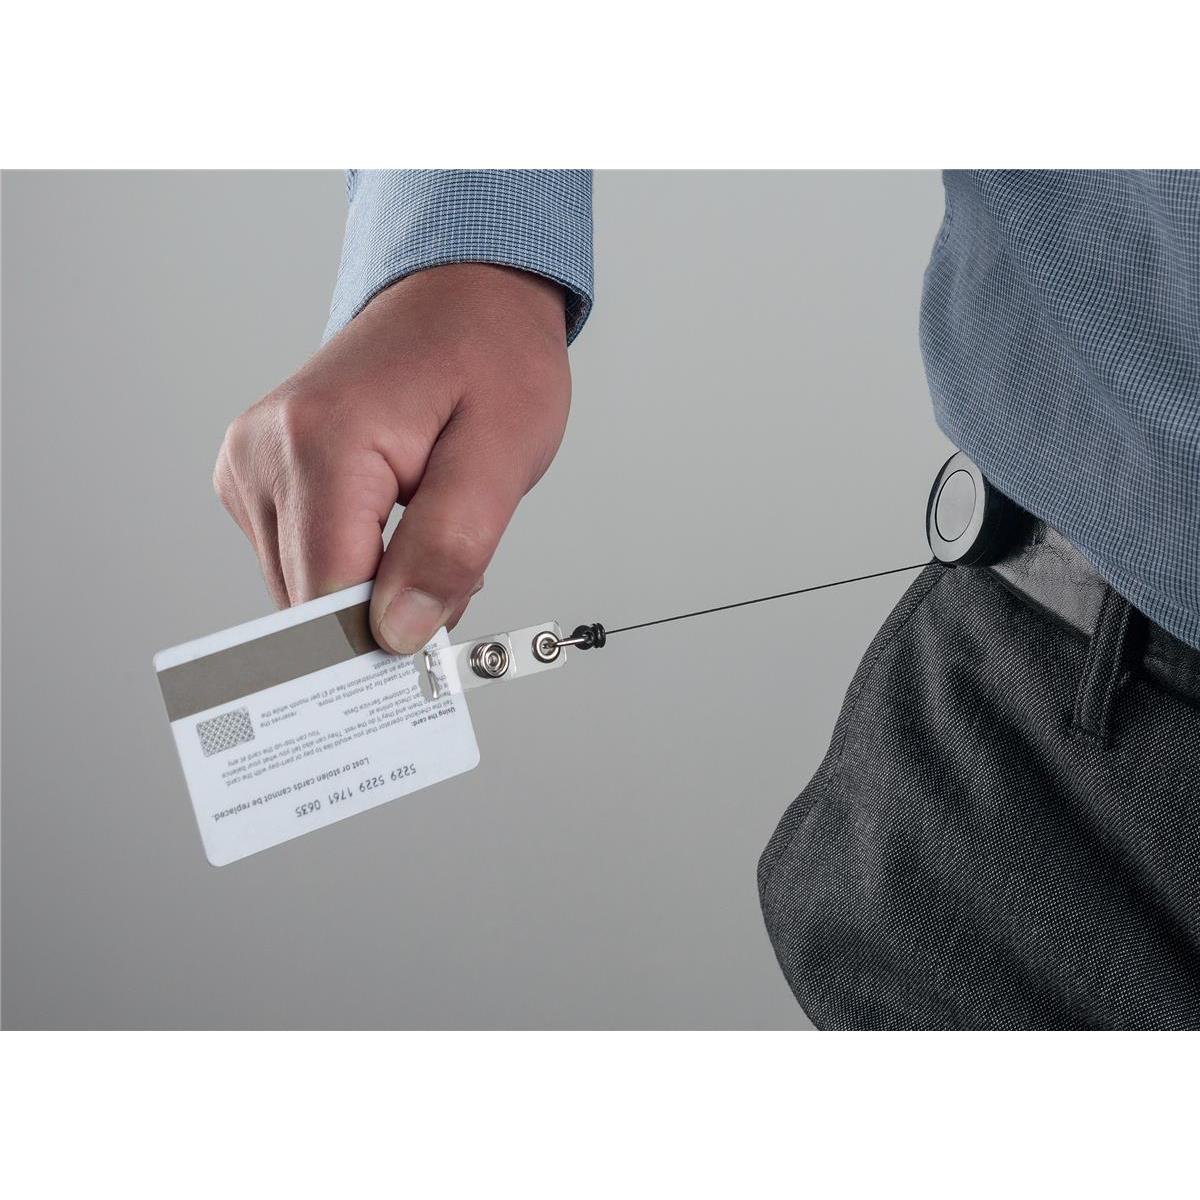 5 Star Office Badge Reel 600mm Metal Clip Cord Rewind Pack 10